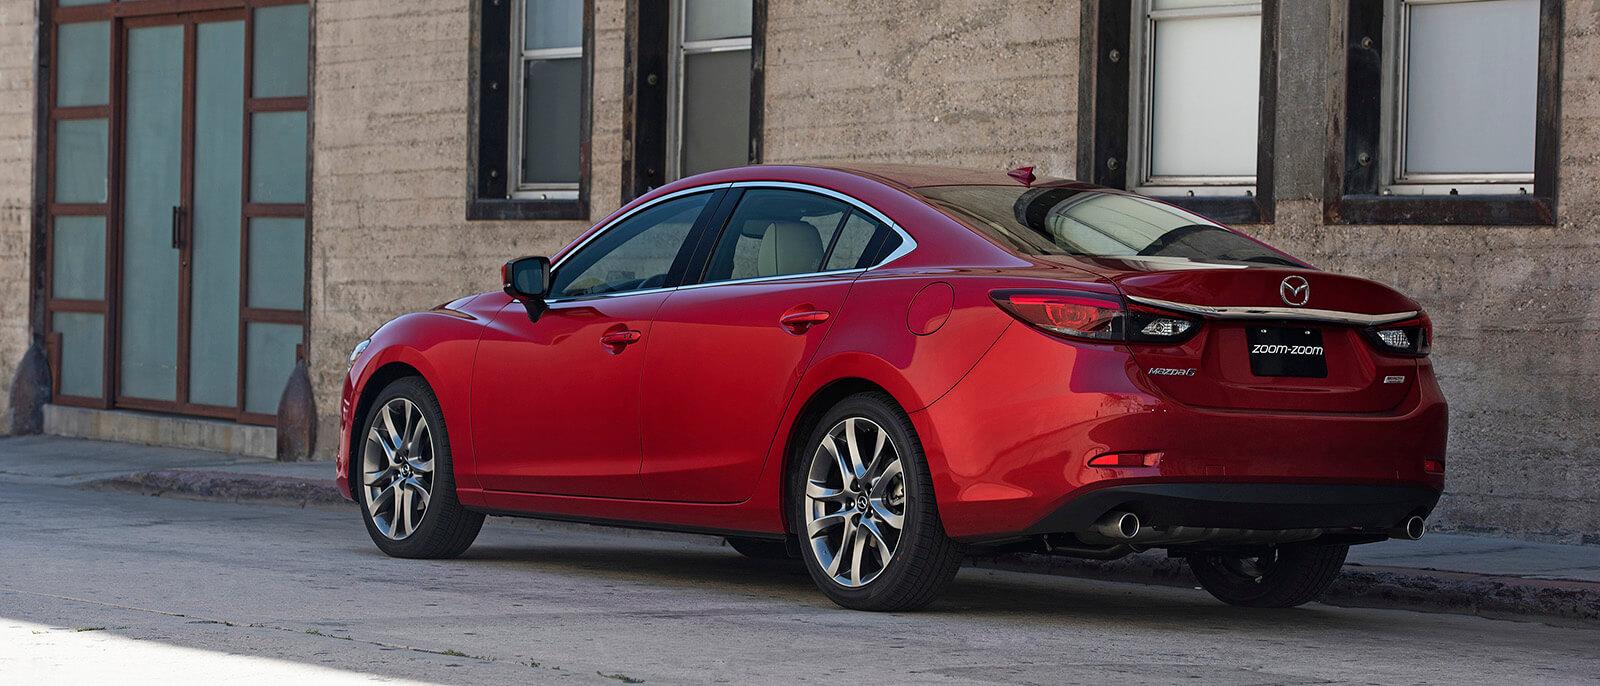 2017 Mazda6 Rear